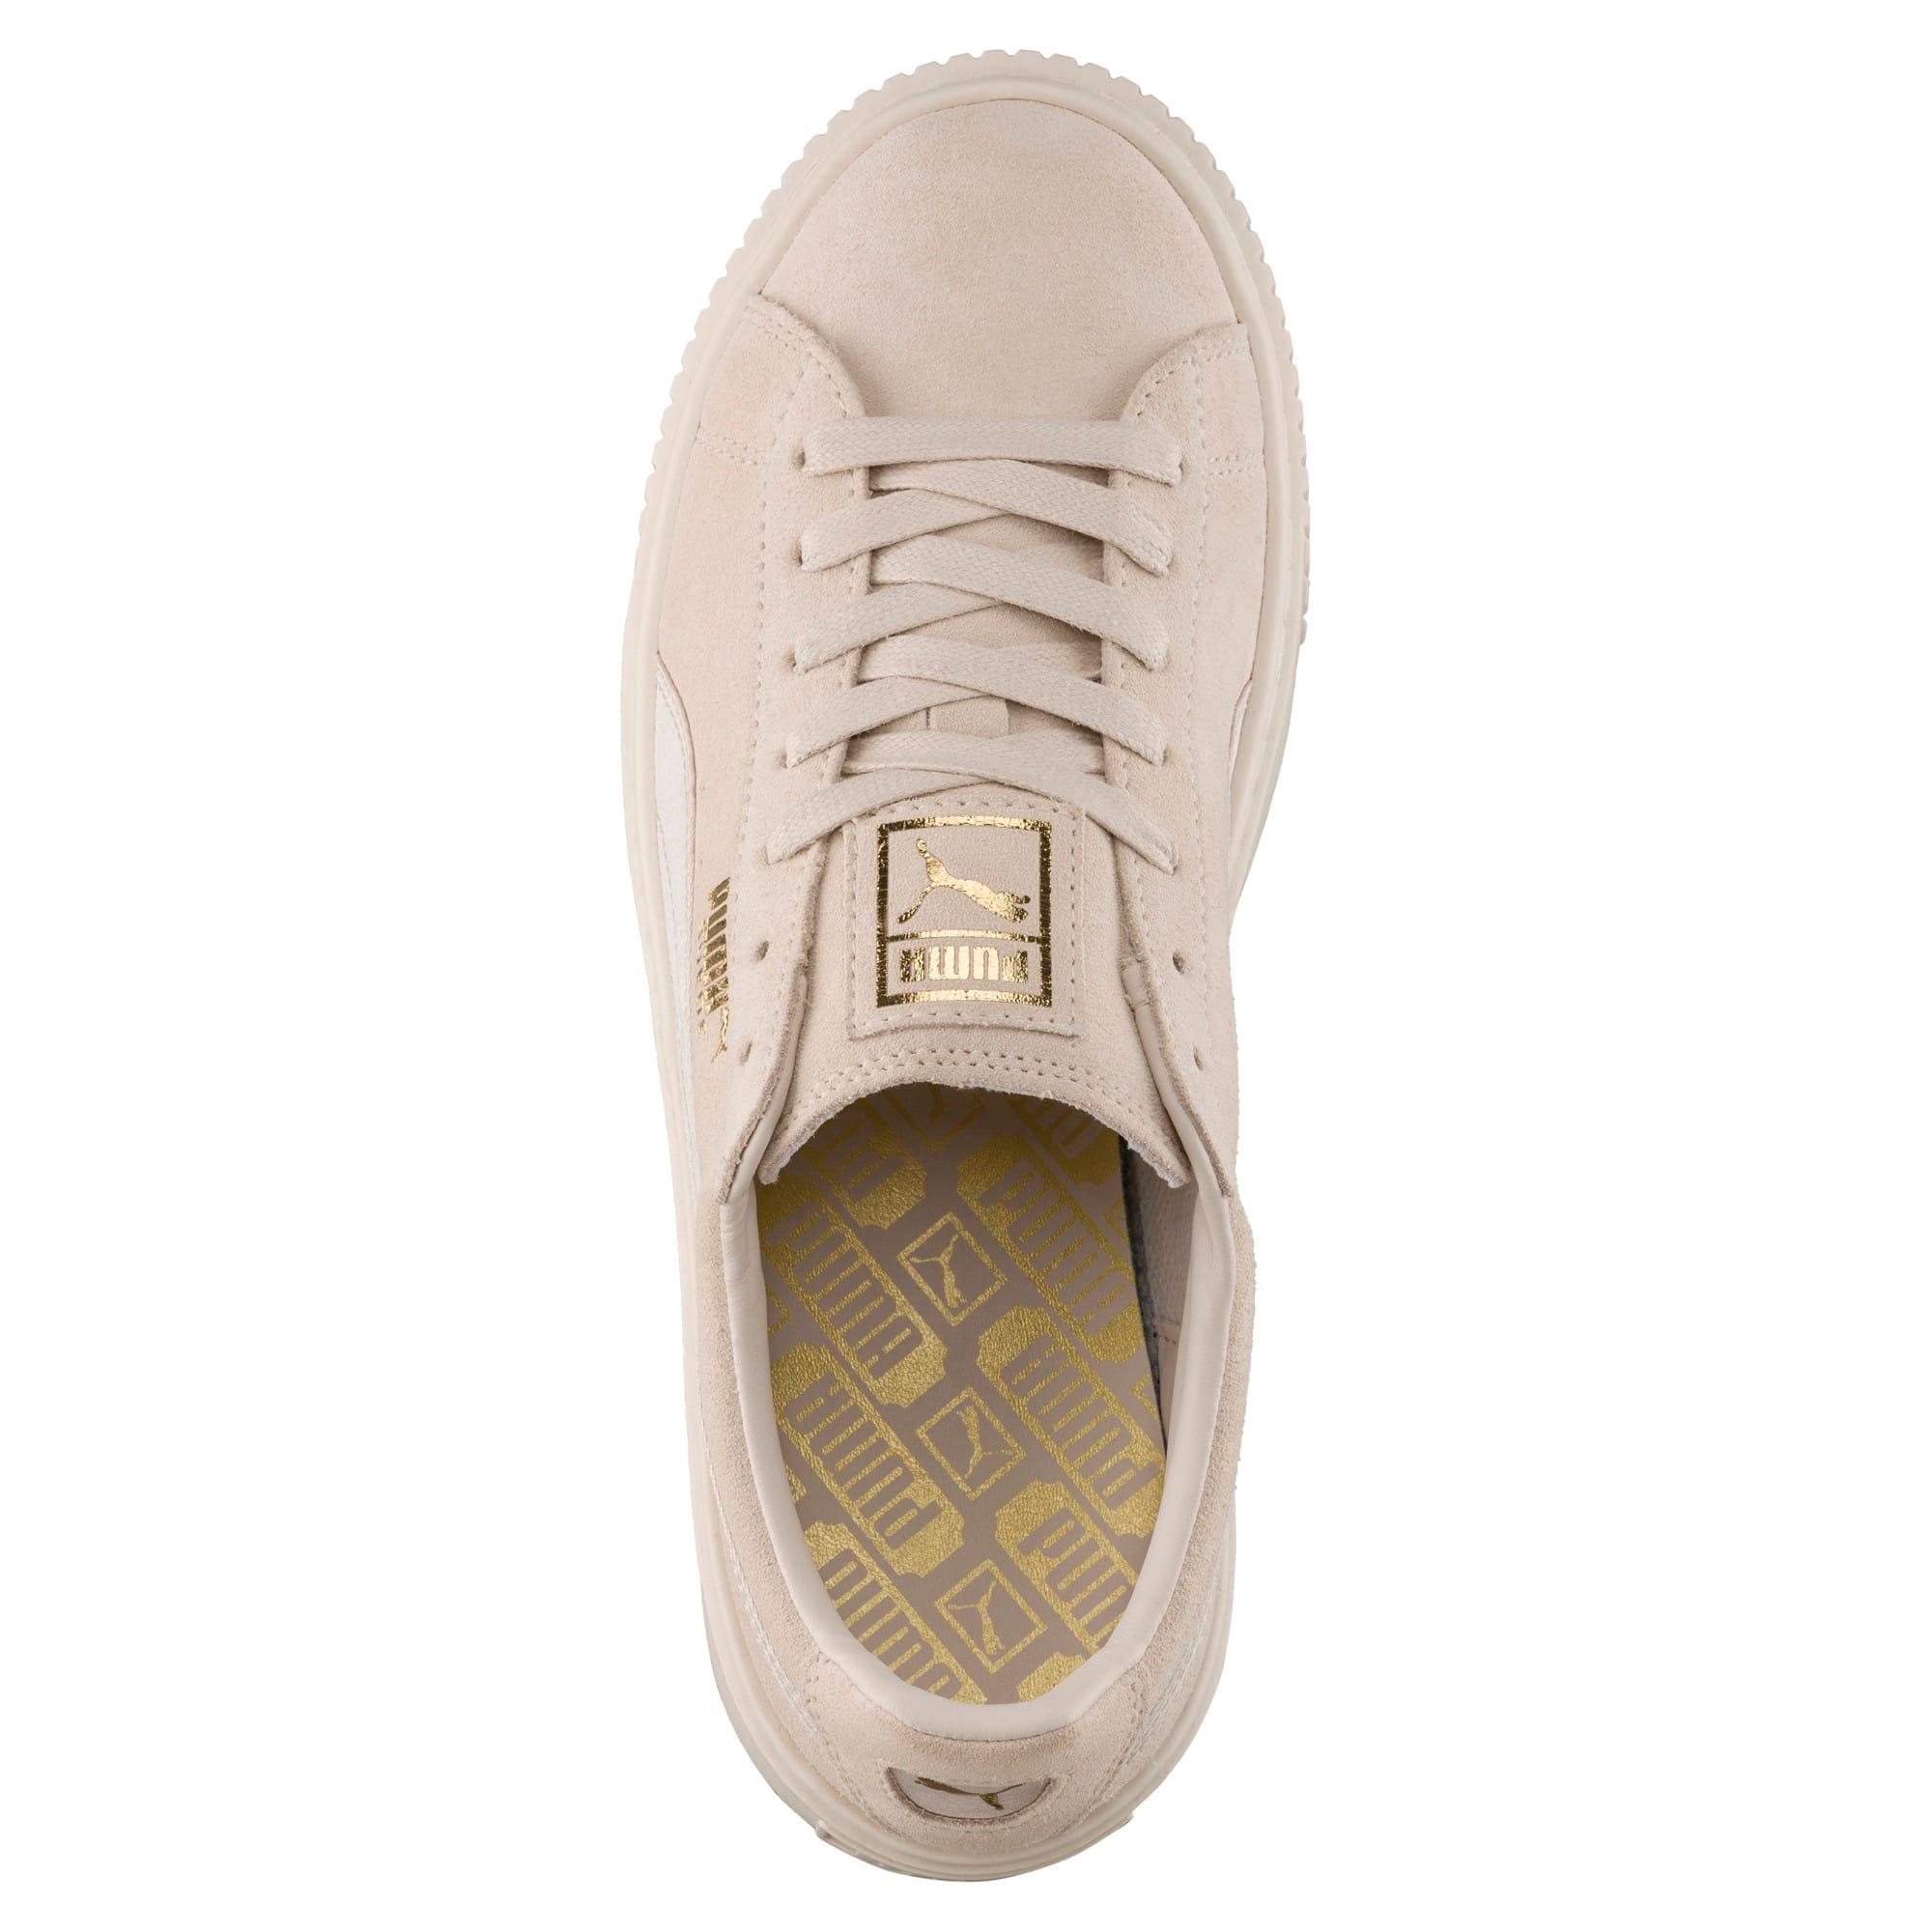 Thumbnail 5 of Suede Summer Satin Platform Sneakers, Pink Tint-Whisper White-Gold, medium